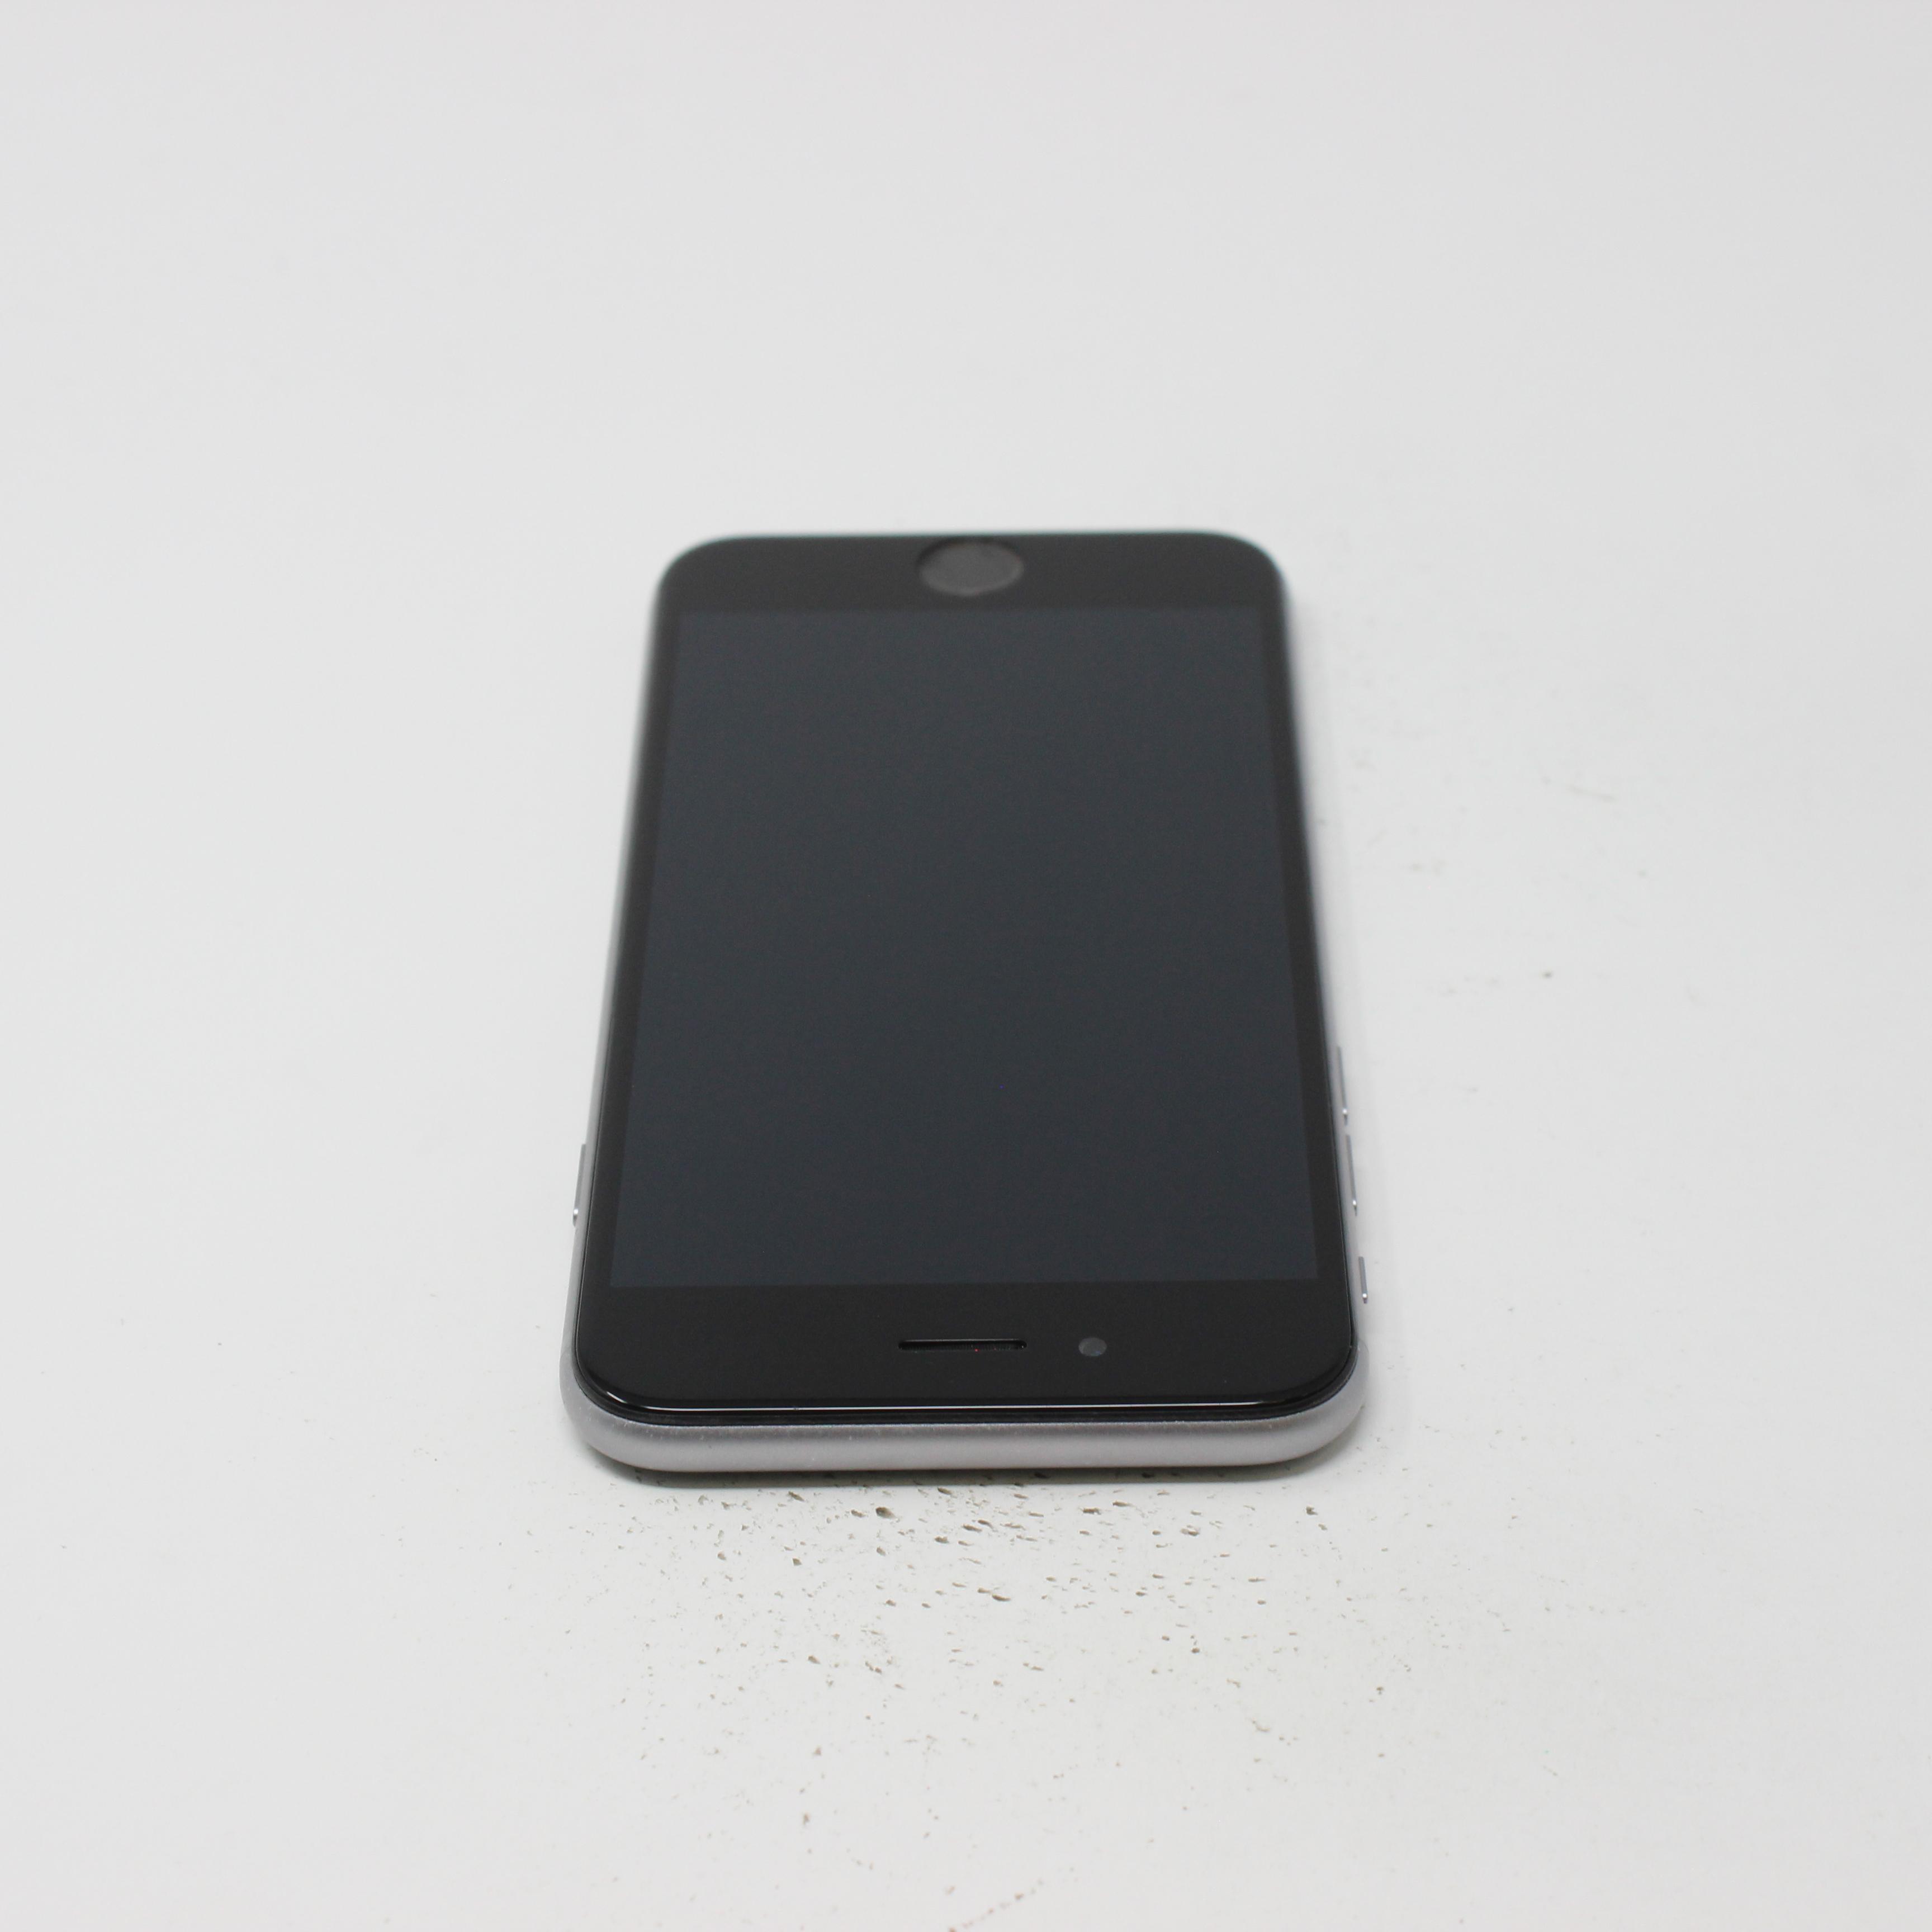 iPhone 6 128GB Space Gray - AT&T photo 4 | UpTradeit.com